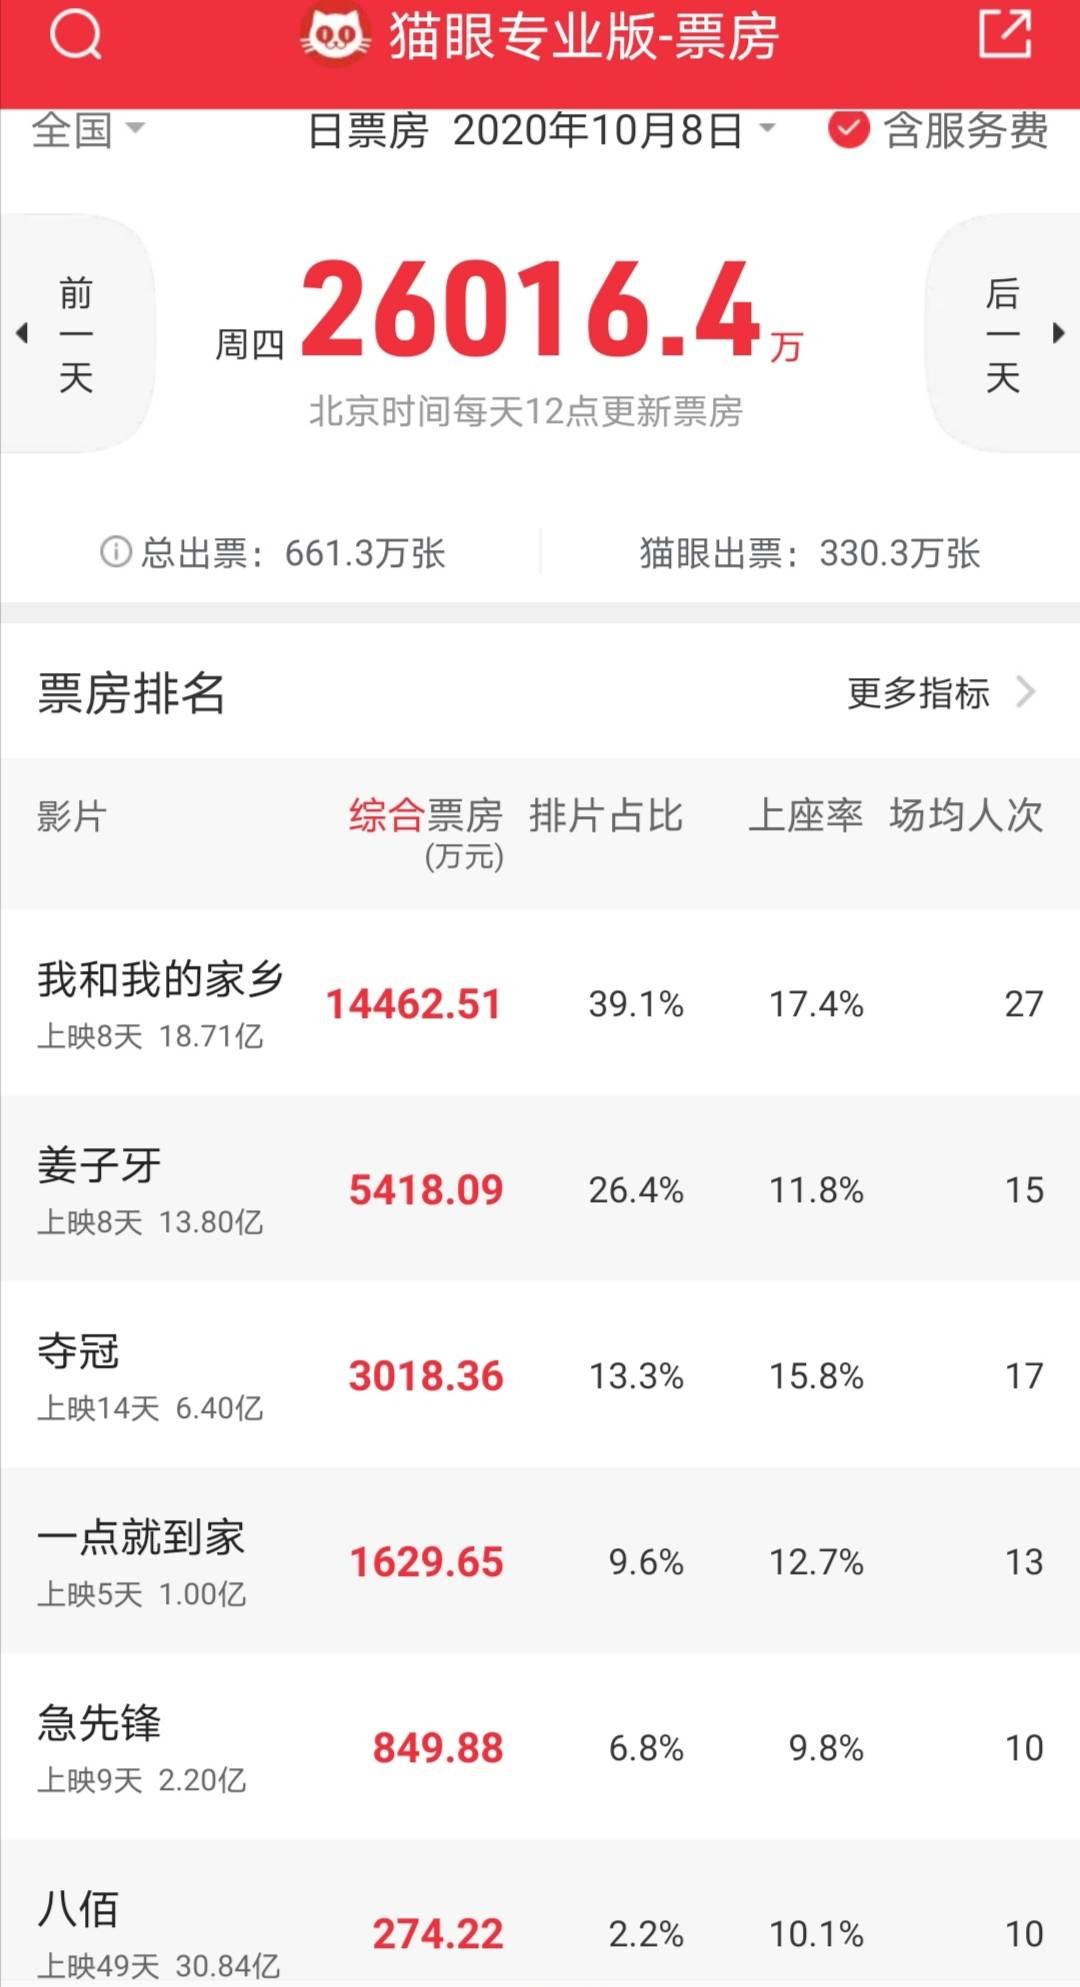 影史第二 !国庆档8天总票房近40亿